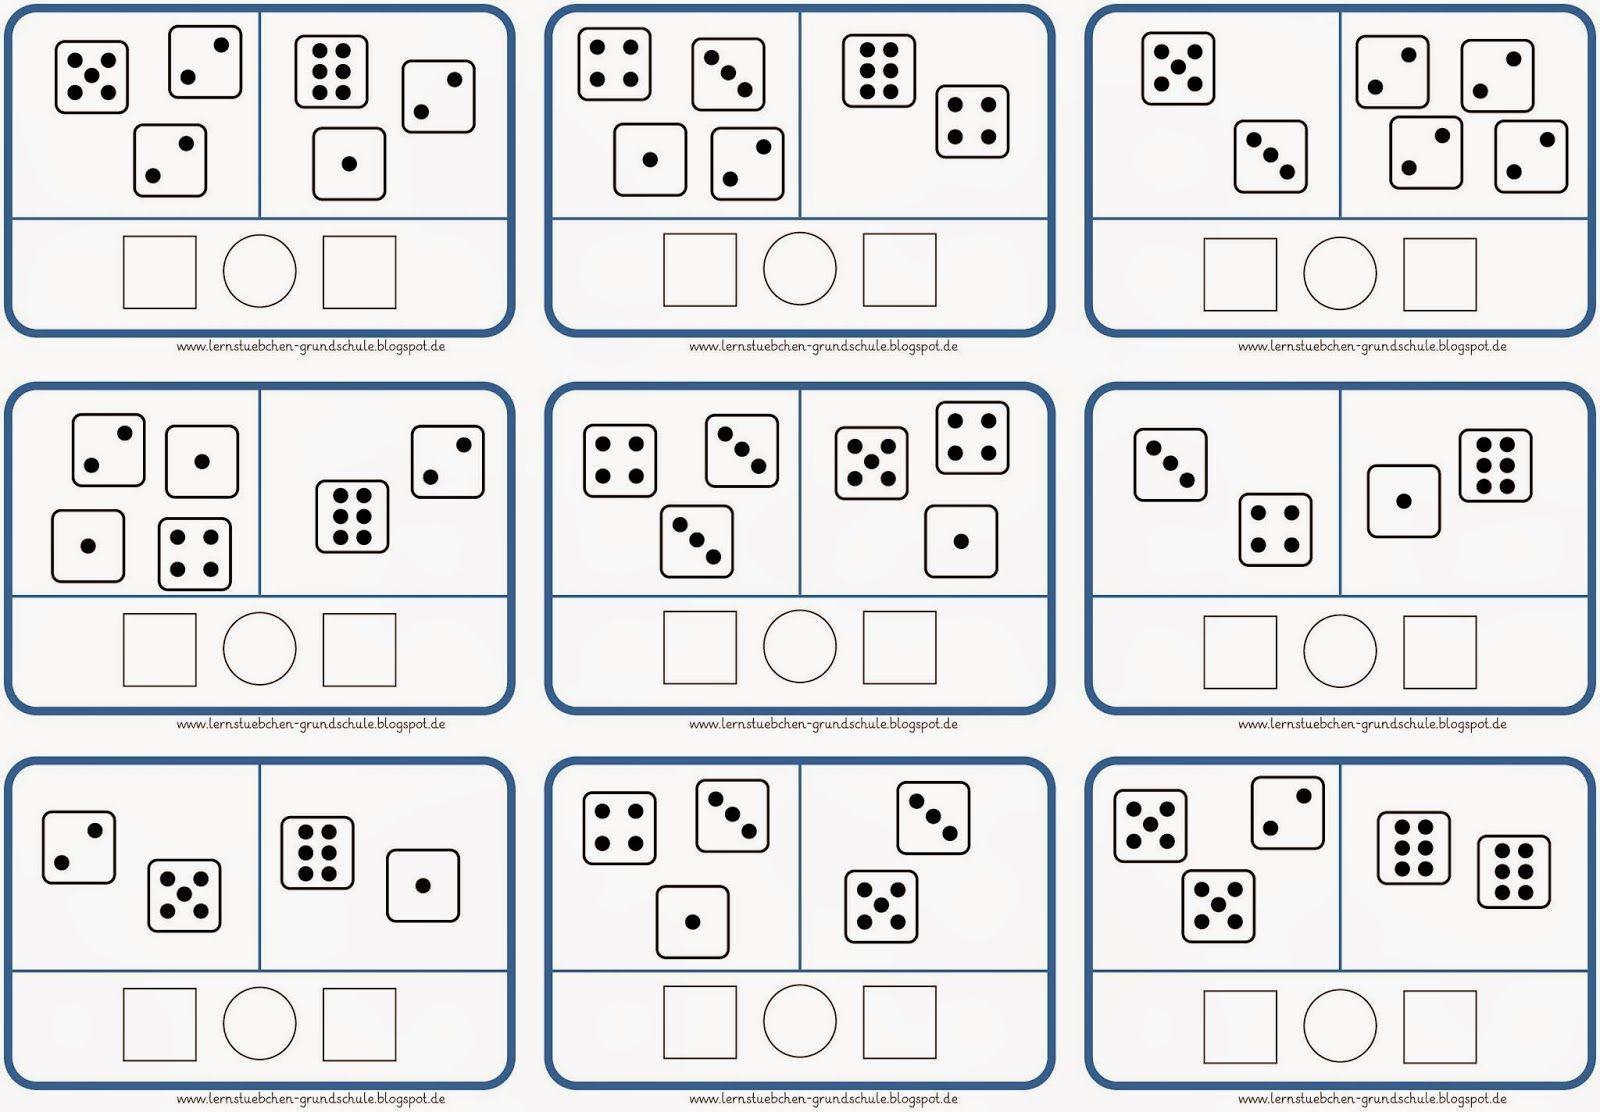 größer - kleiner - gleich (2) | matematika | Pinterest | Math, Math ...